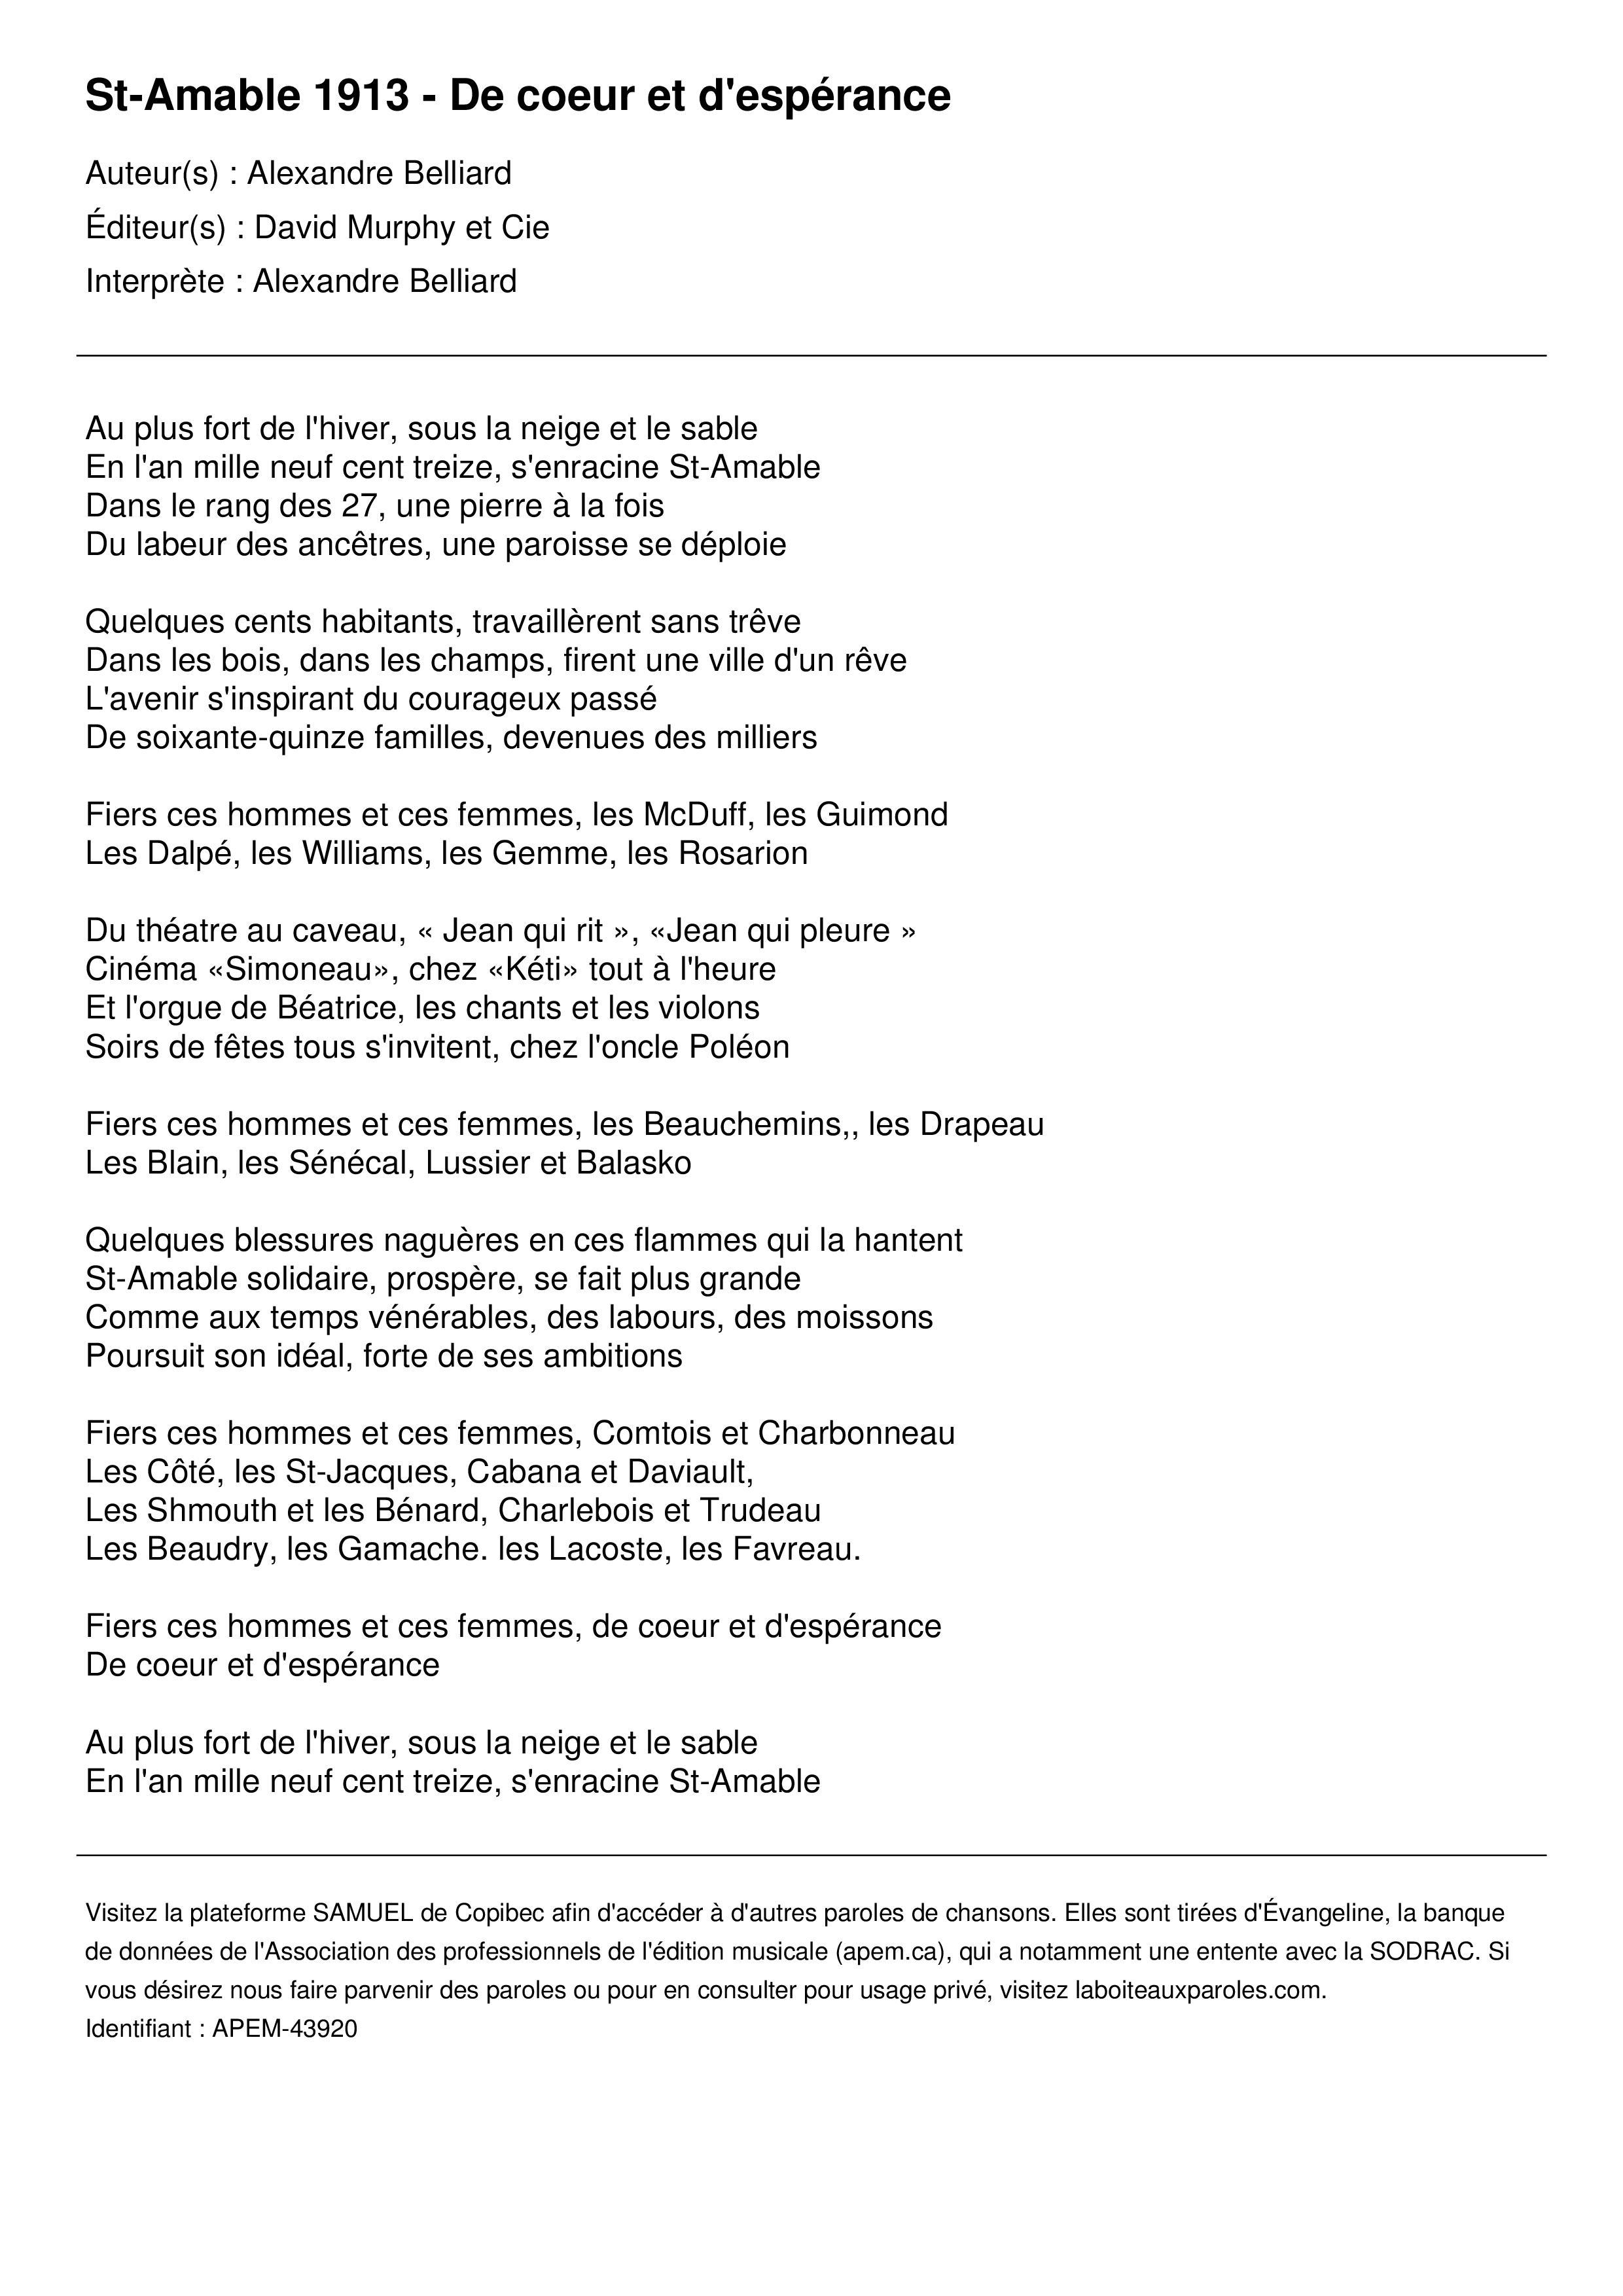 St-Amable 1913 - De coeur et d'espérance